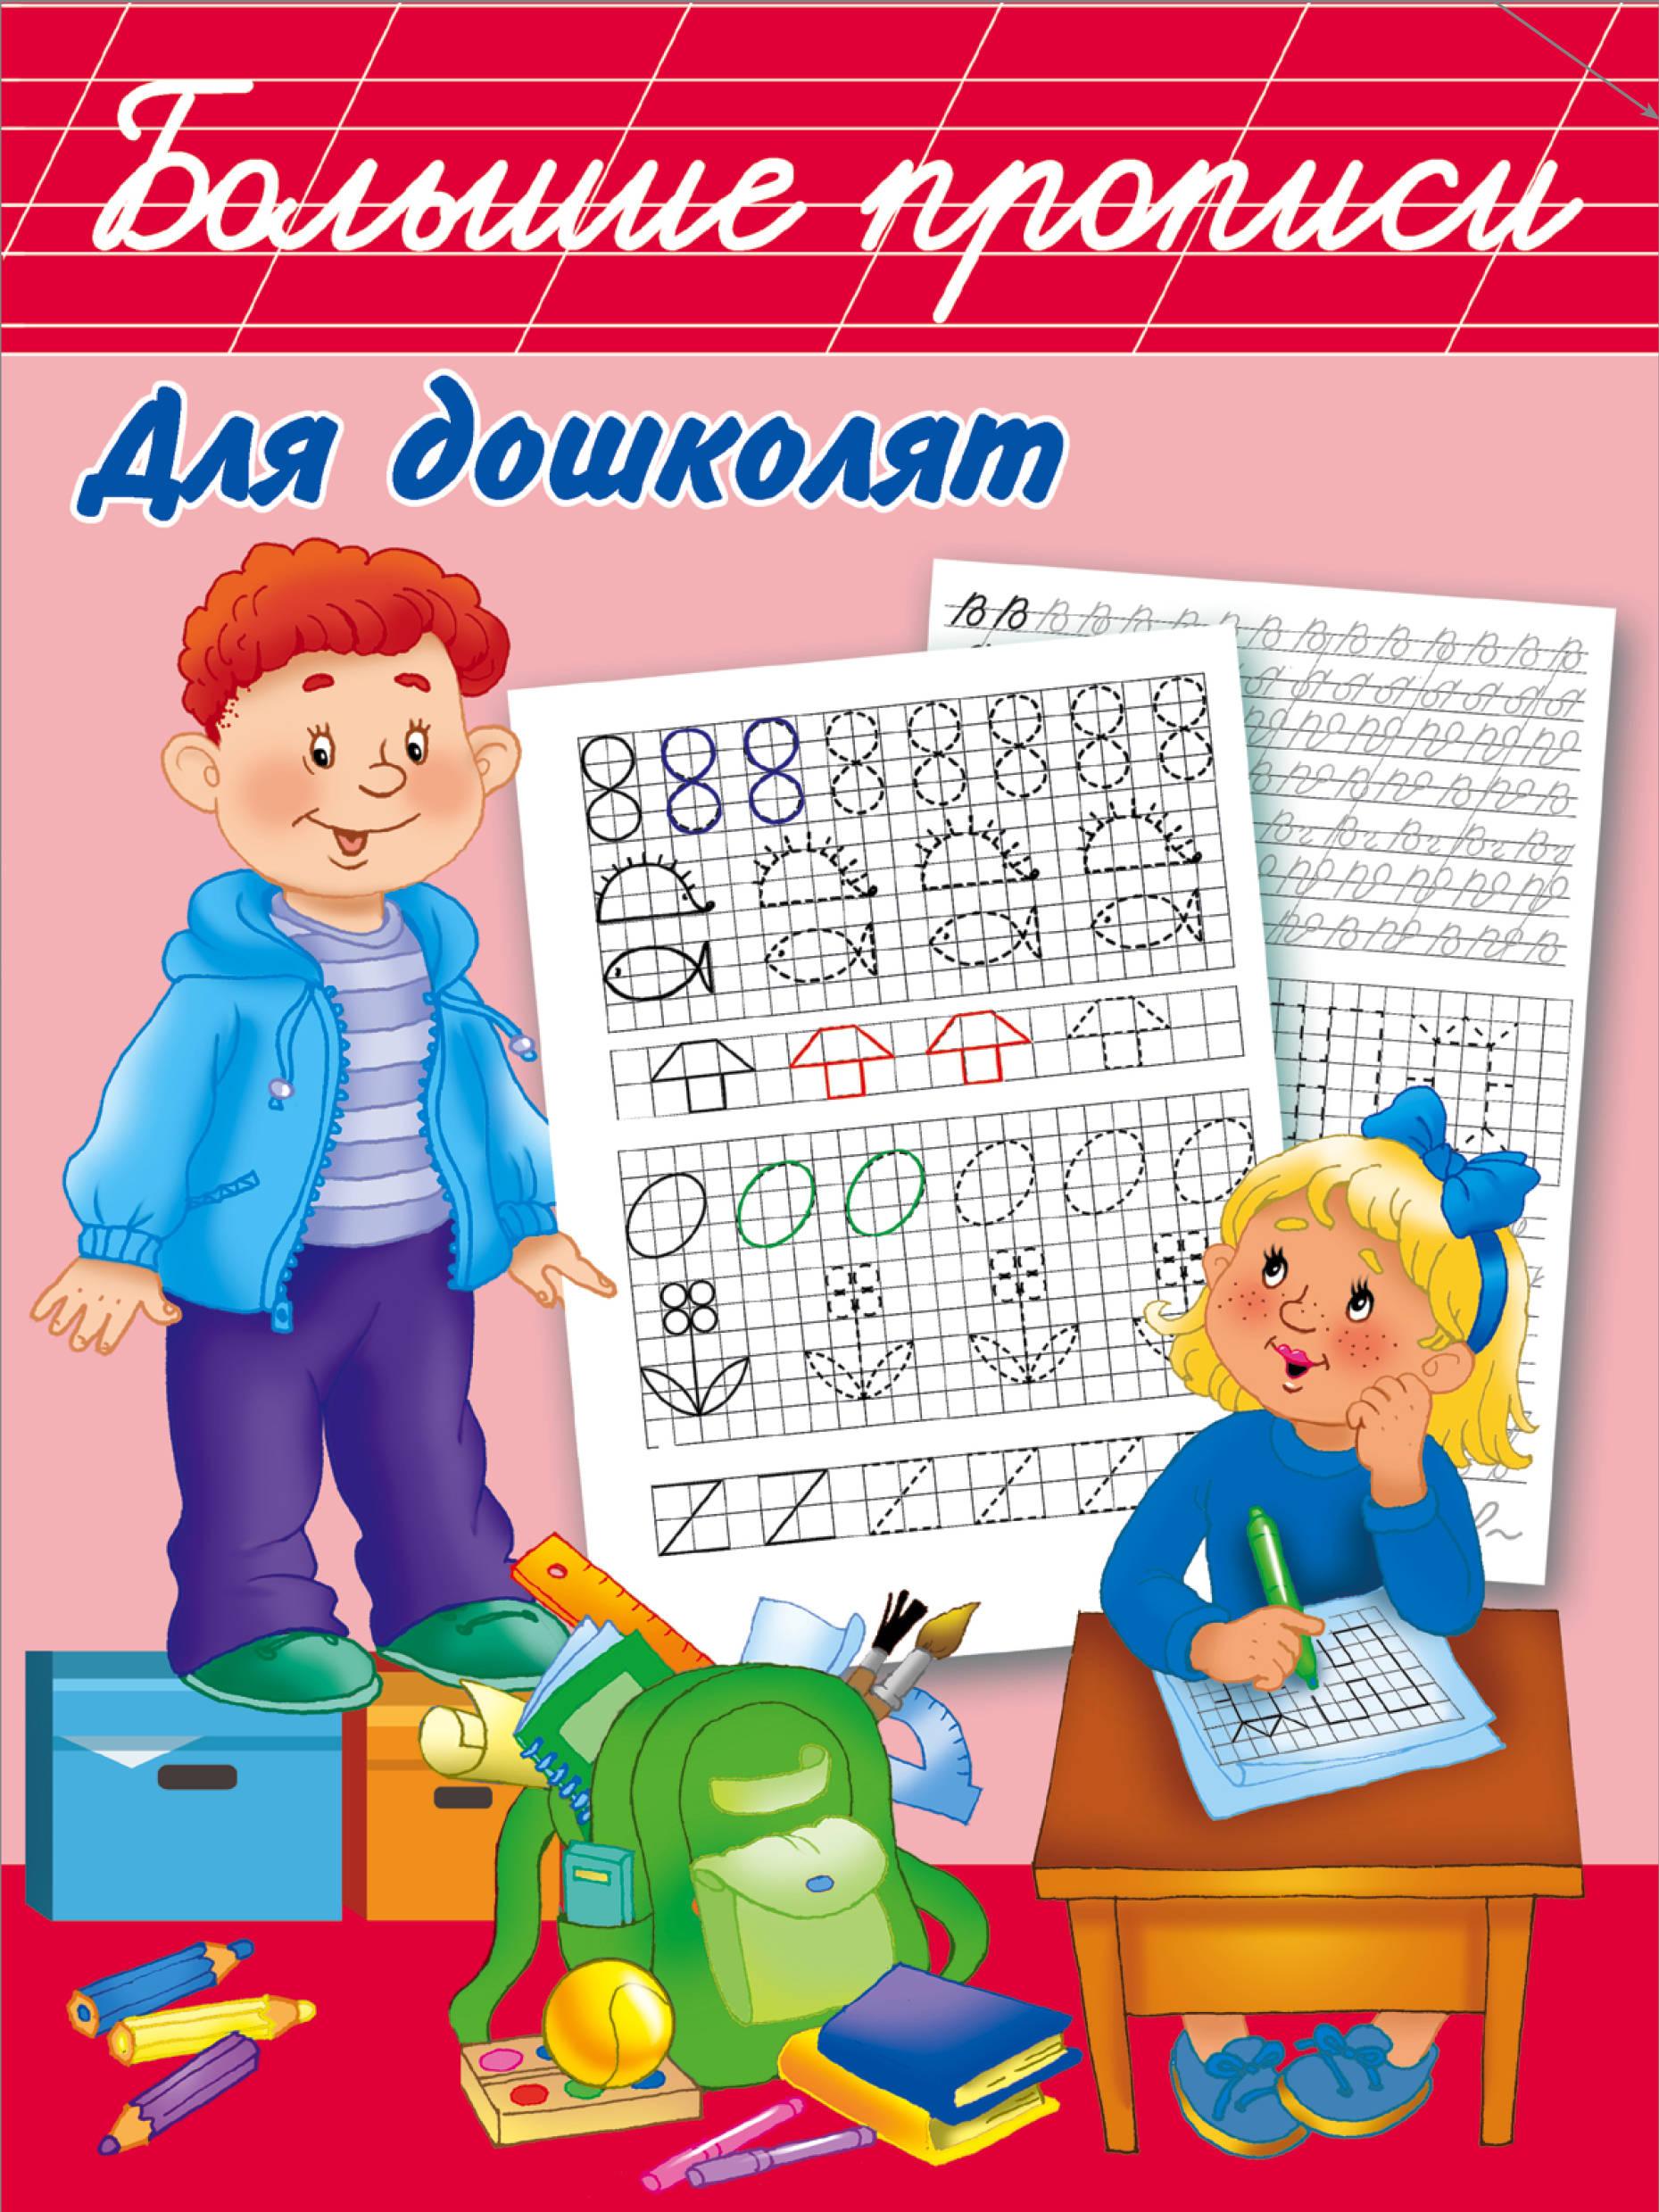 В. Г. Дмитриева Большие прописи для дошколят в г дмитриева большие прописи для дошколят уцененный товар 3